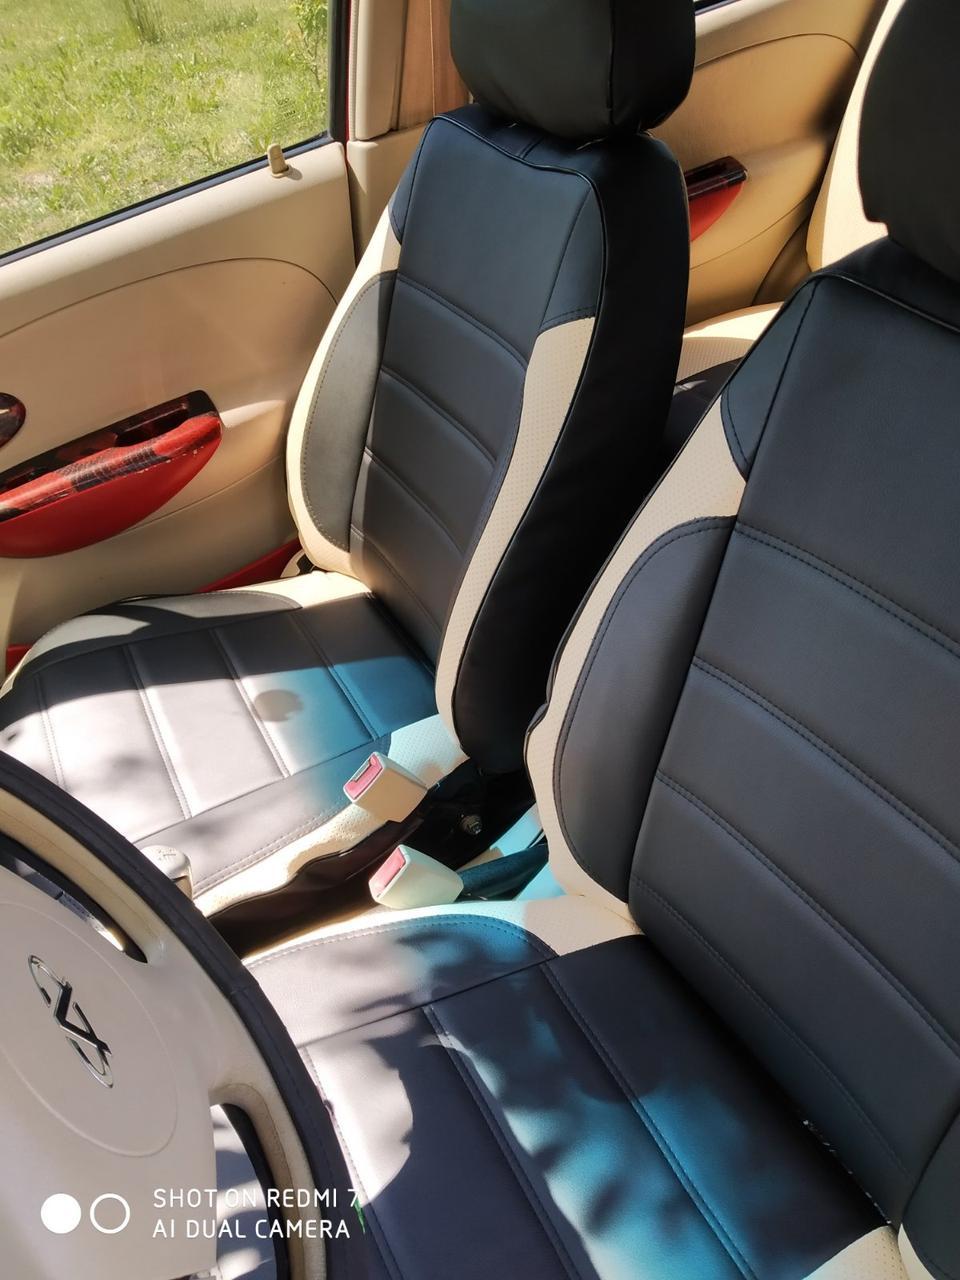 Чохли на сидіння Тойота Камрі 40 (Toyota Camry 40) (модельні, MAX-L, окремий підголовник) Чорно-бежевий